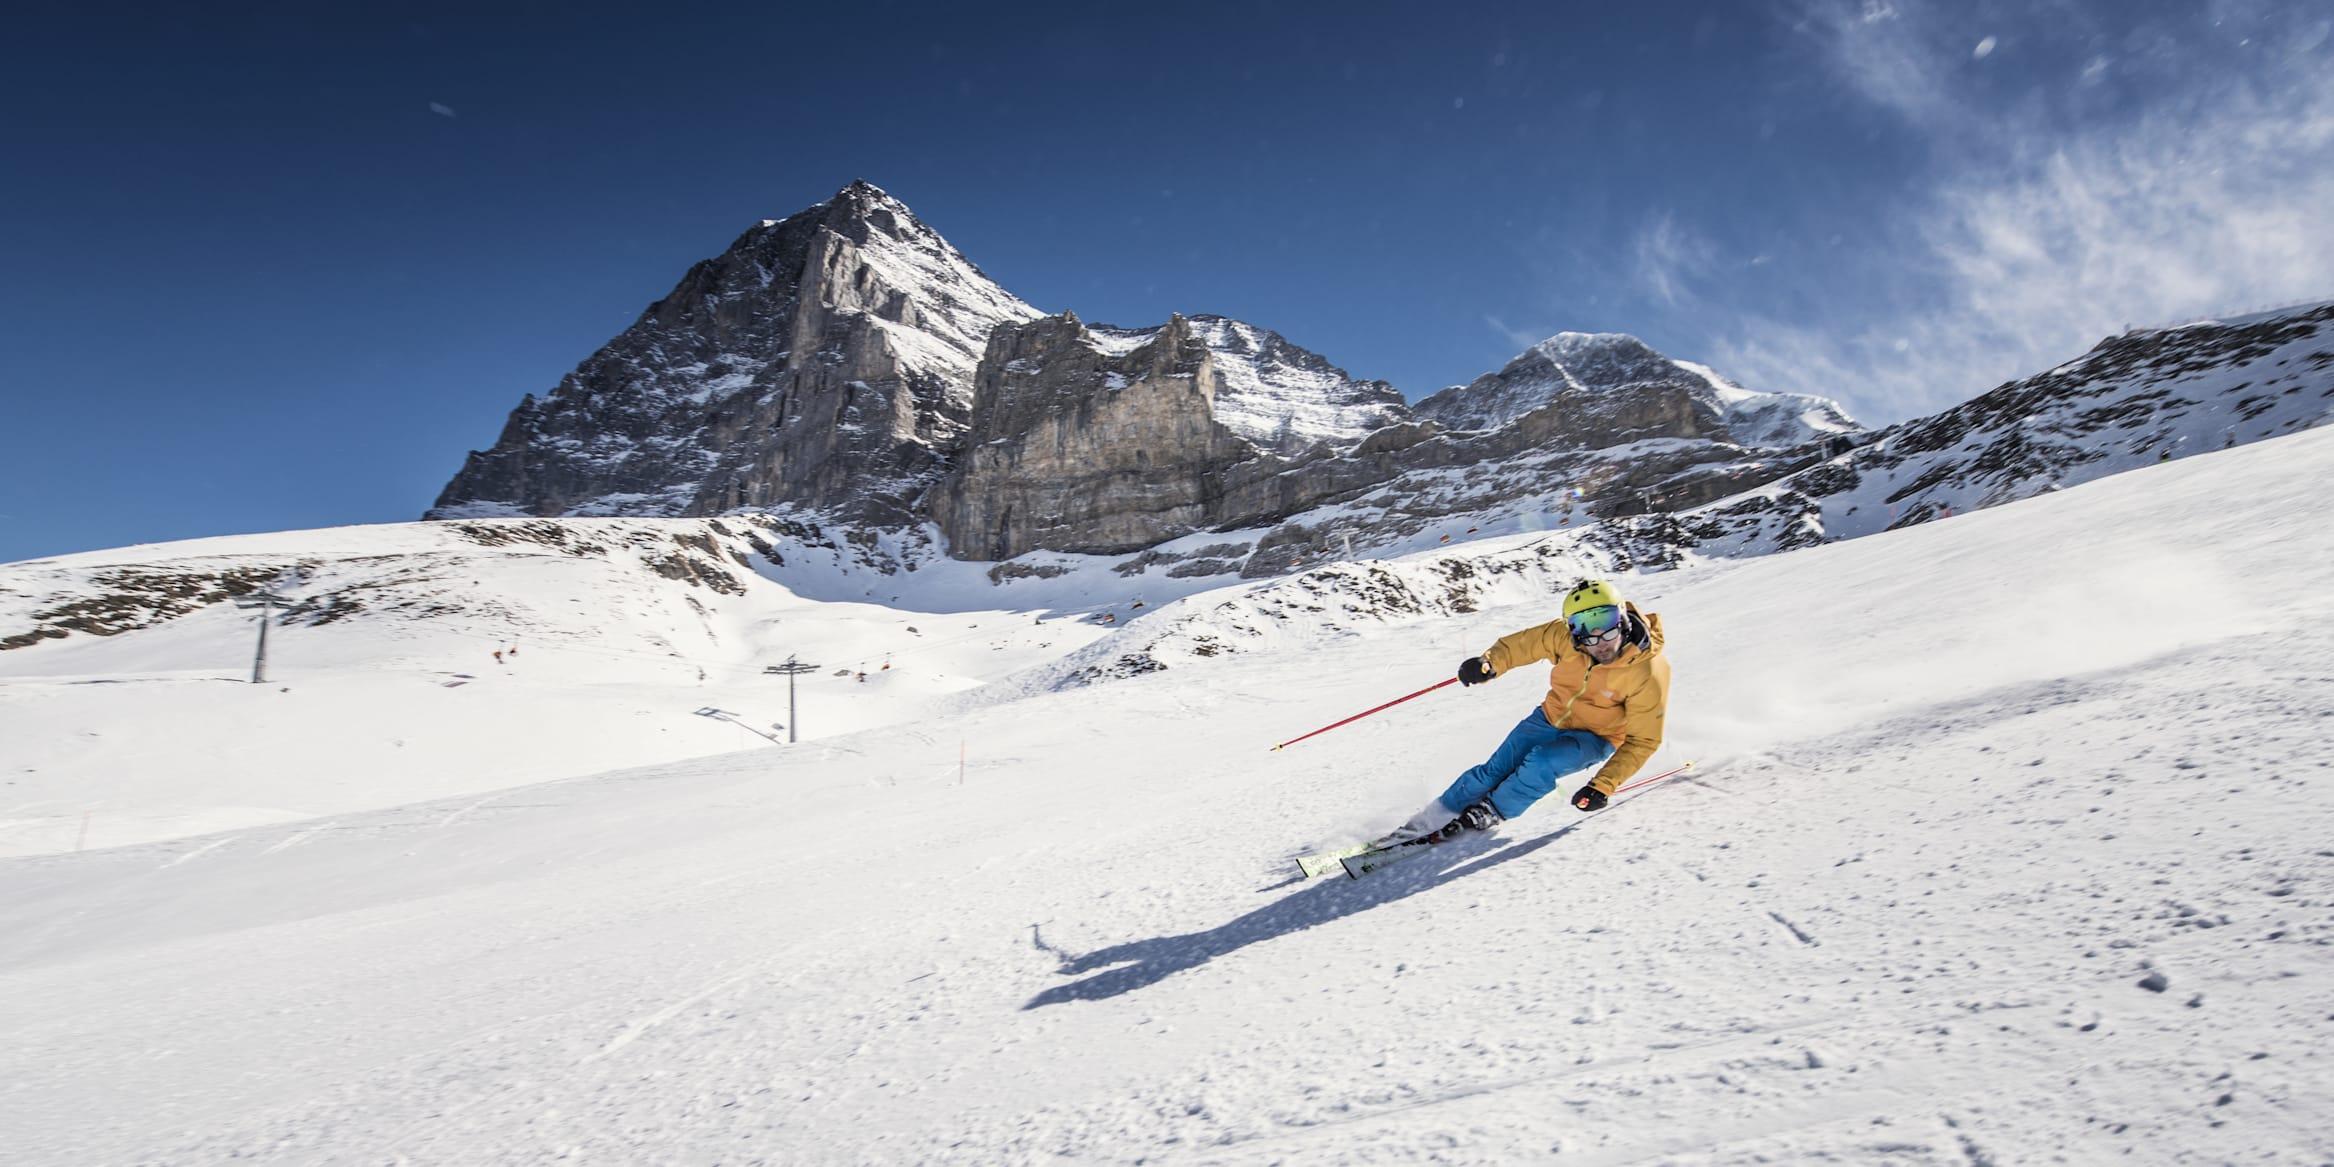 Jungfrau Skiregion Skifahren Piste Schnee Eiger